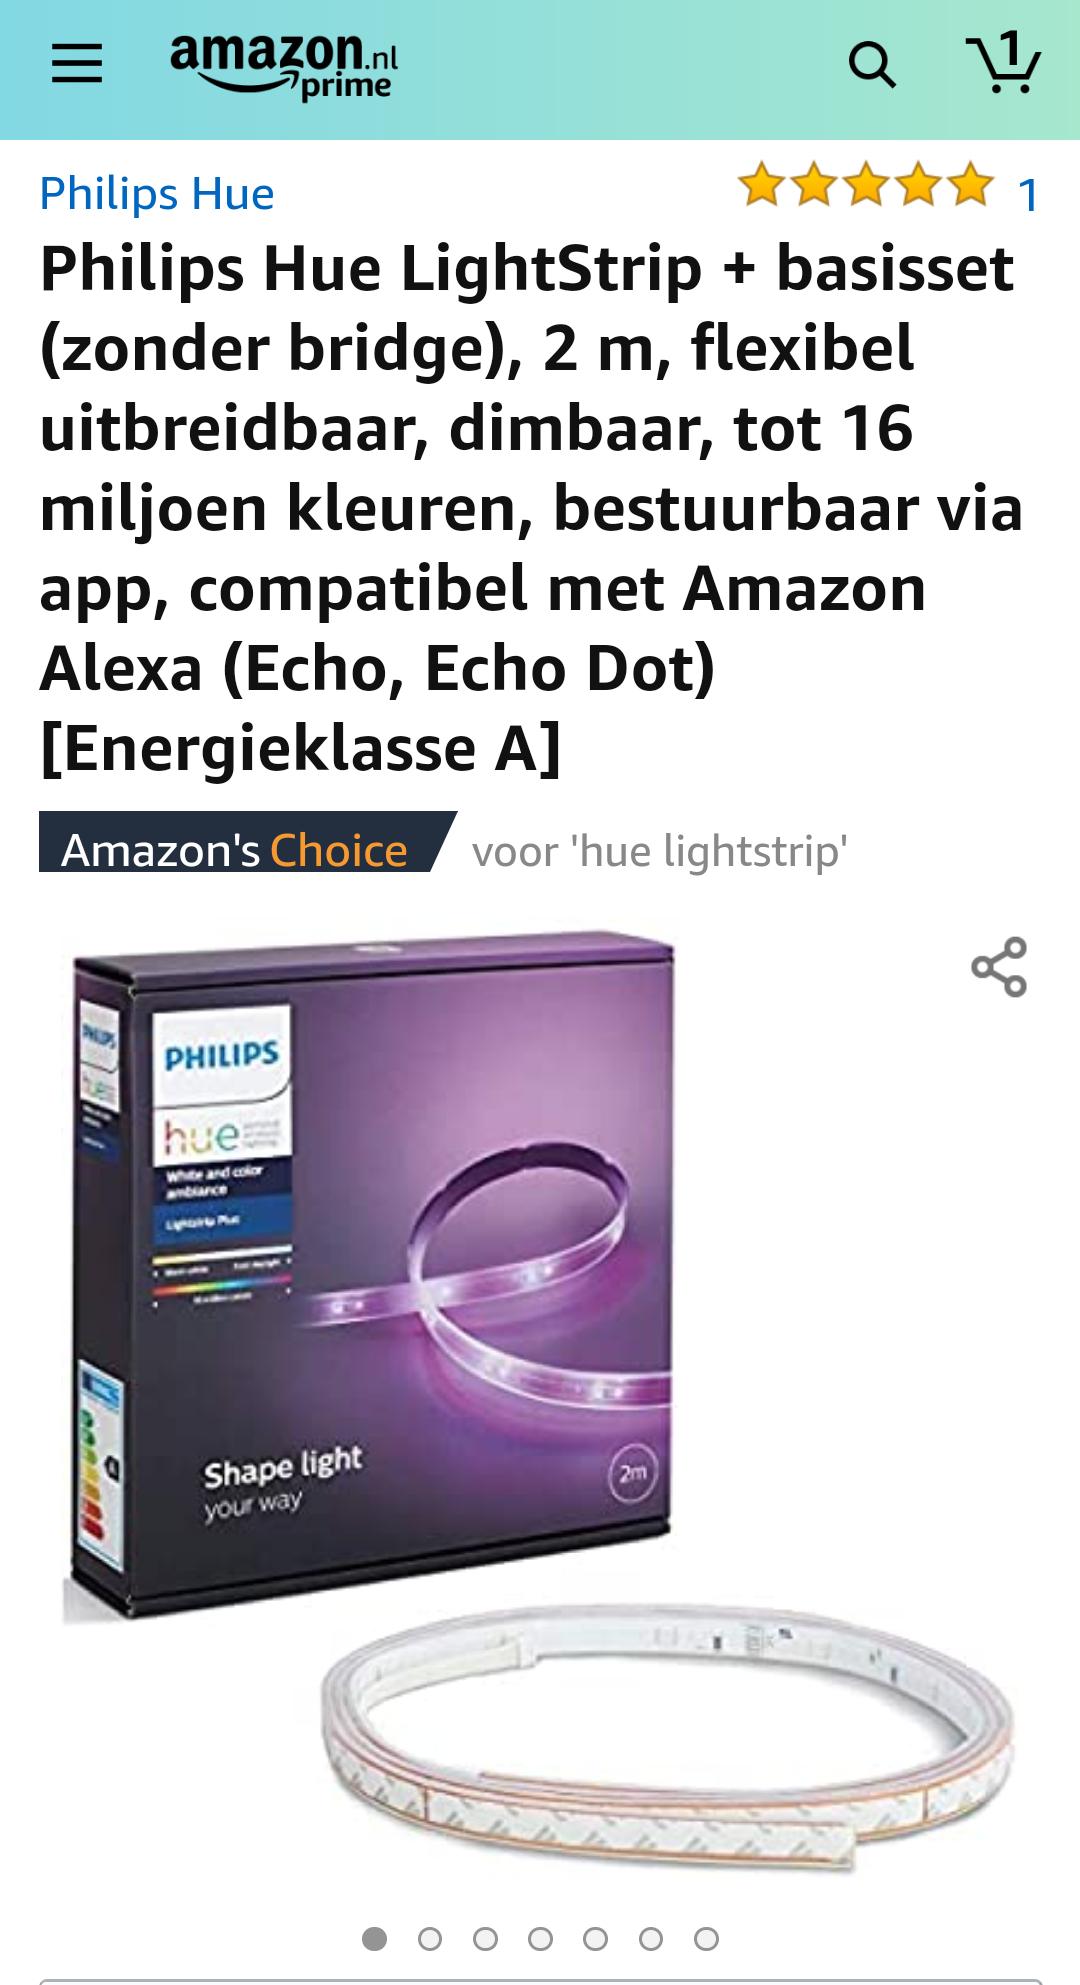 Philips Hue LightStrip + basisset (zonder bridge), 2 m, flexibel uitbreidbaar, dimbaar, tot 16 miljoen kleuren, bestuurbaar via app